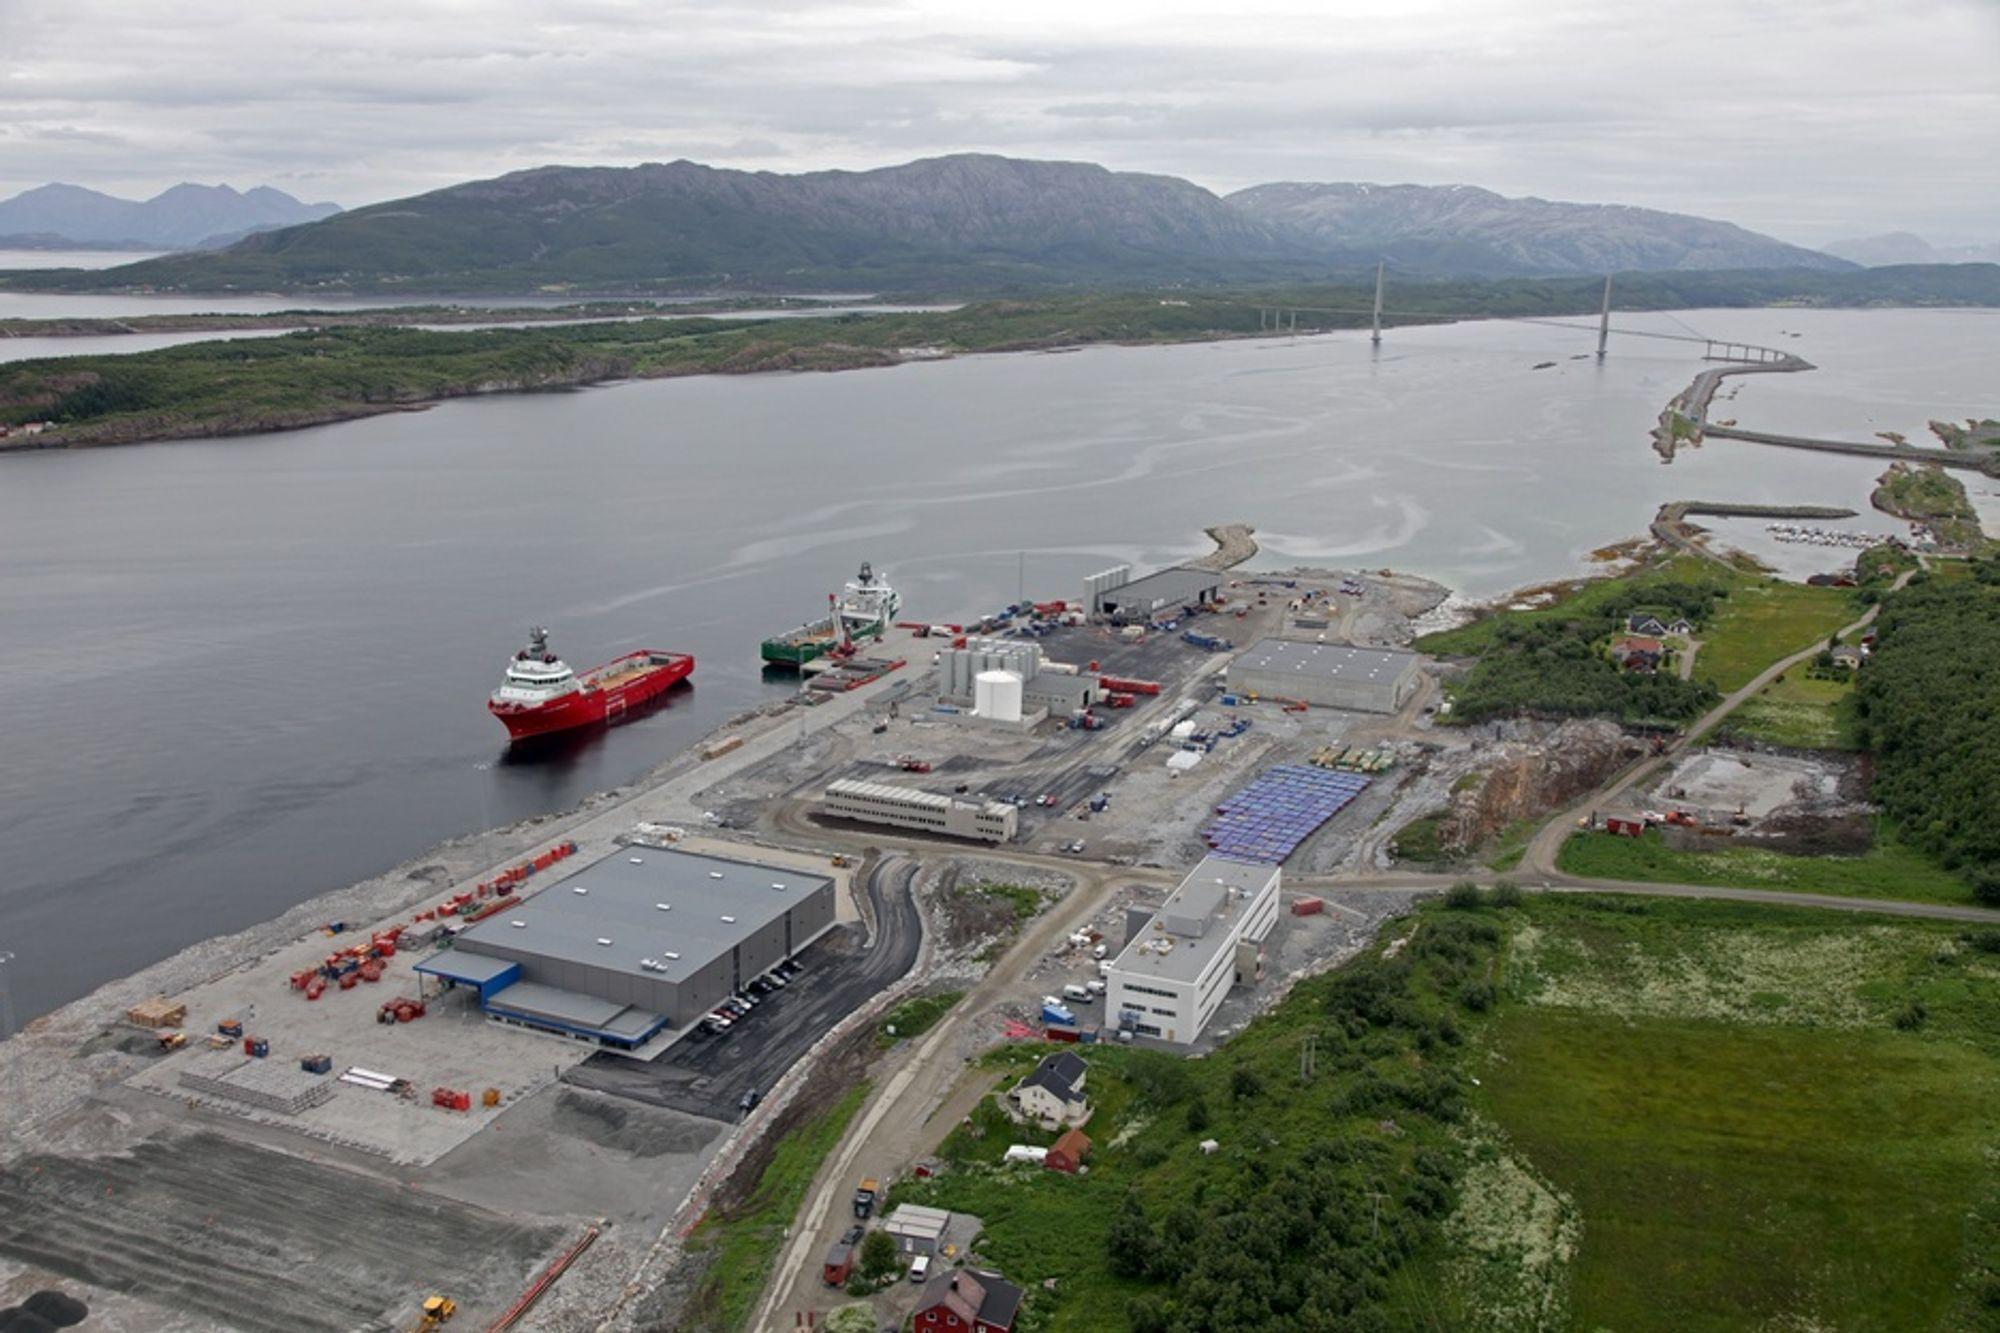 I KØ: Helgelandsbase opplever stadig sterkere etterspørsel fra off shore-industri som ønsker å etablere seg i Sandnessjøen.